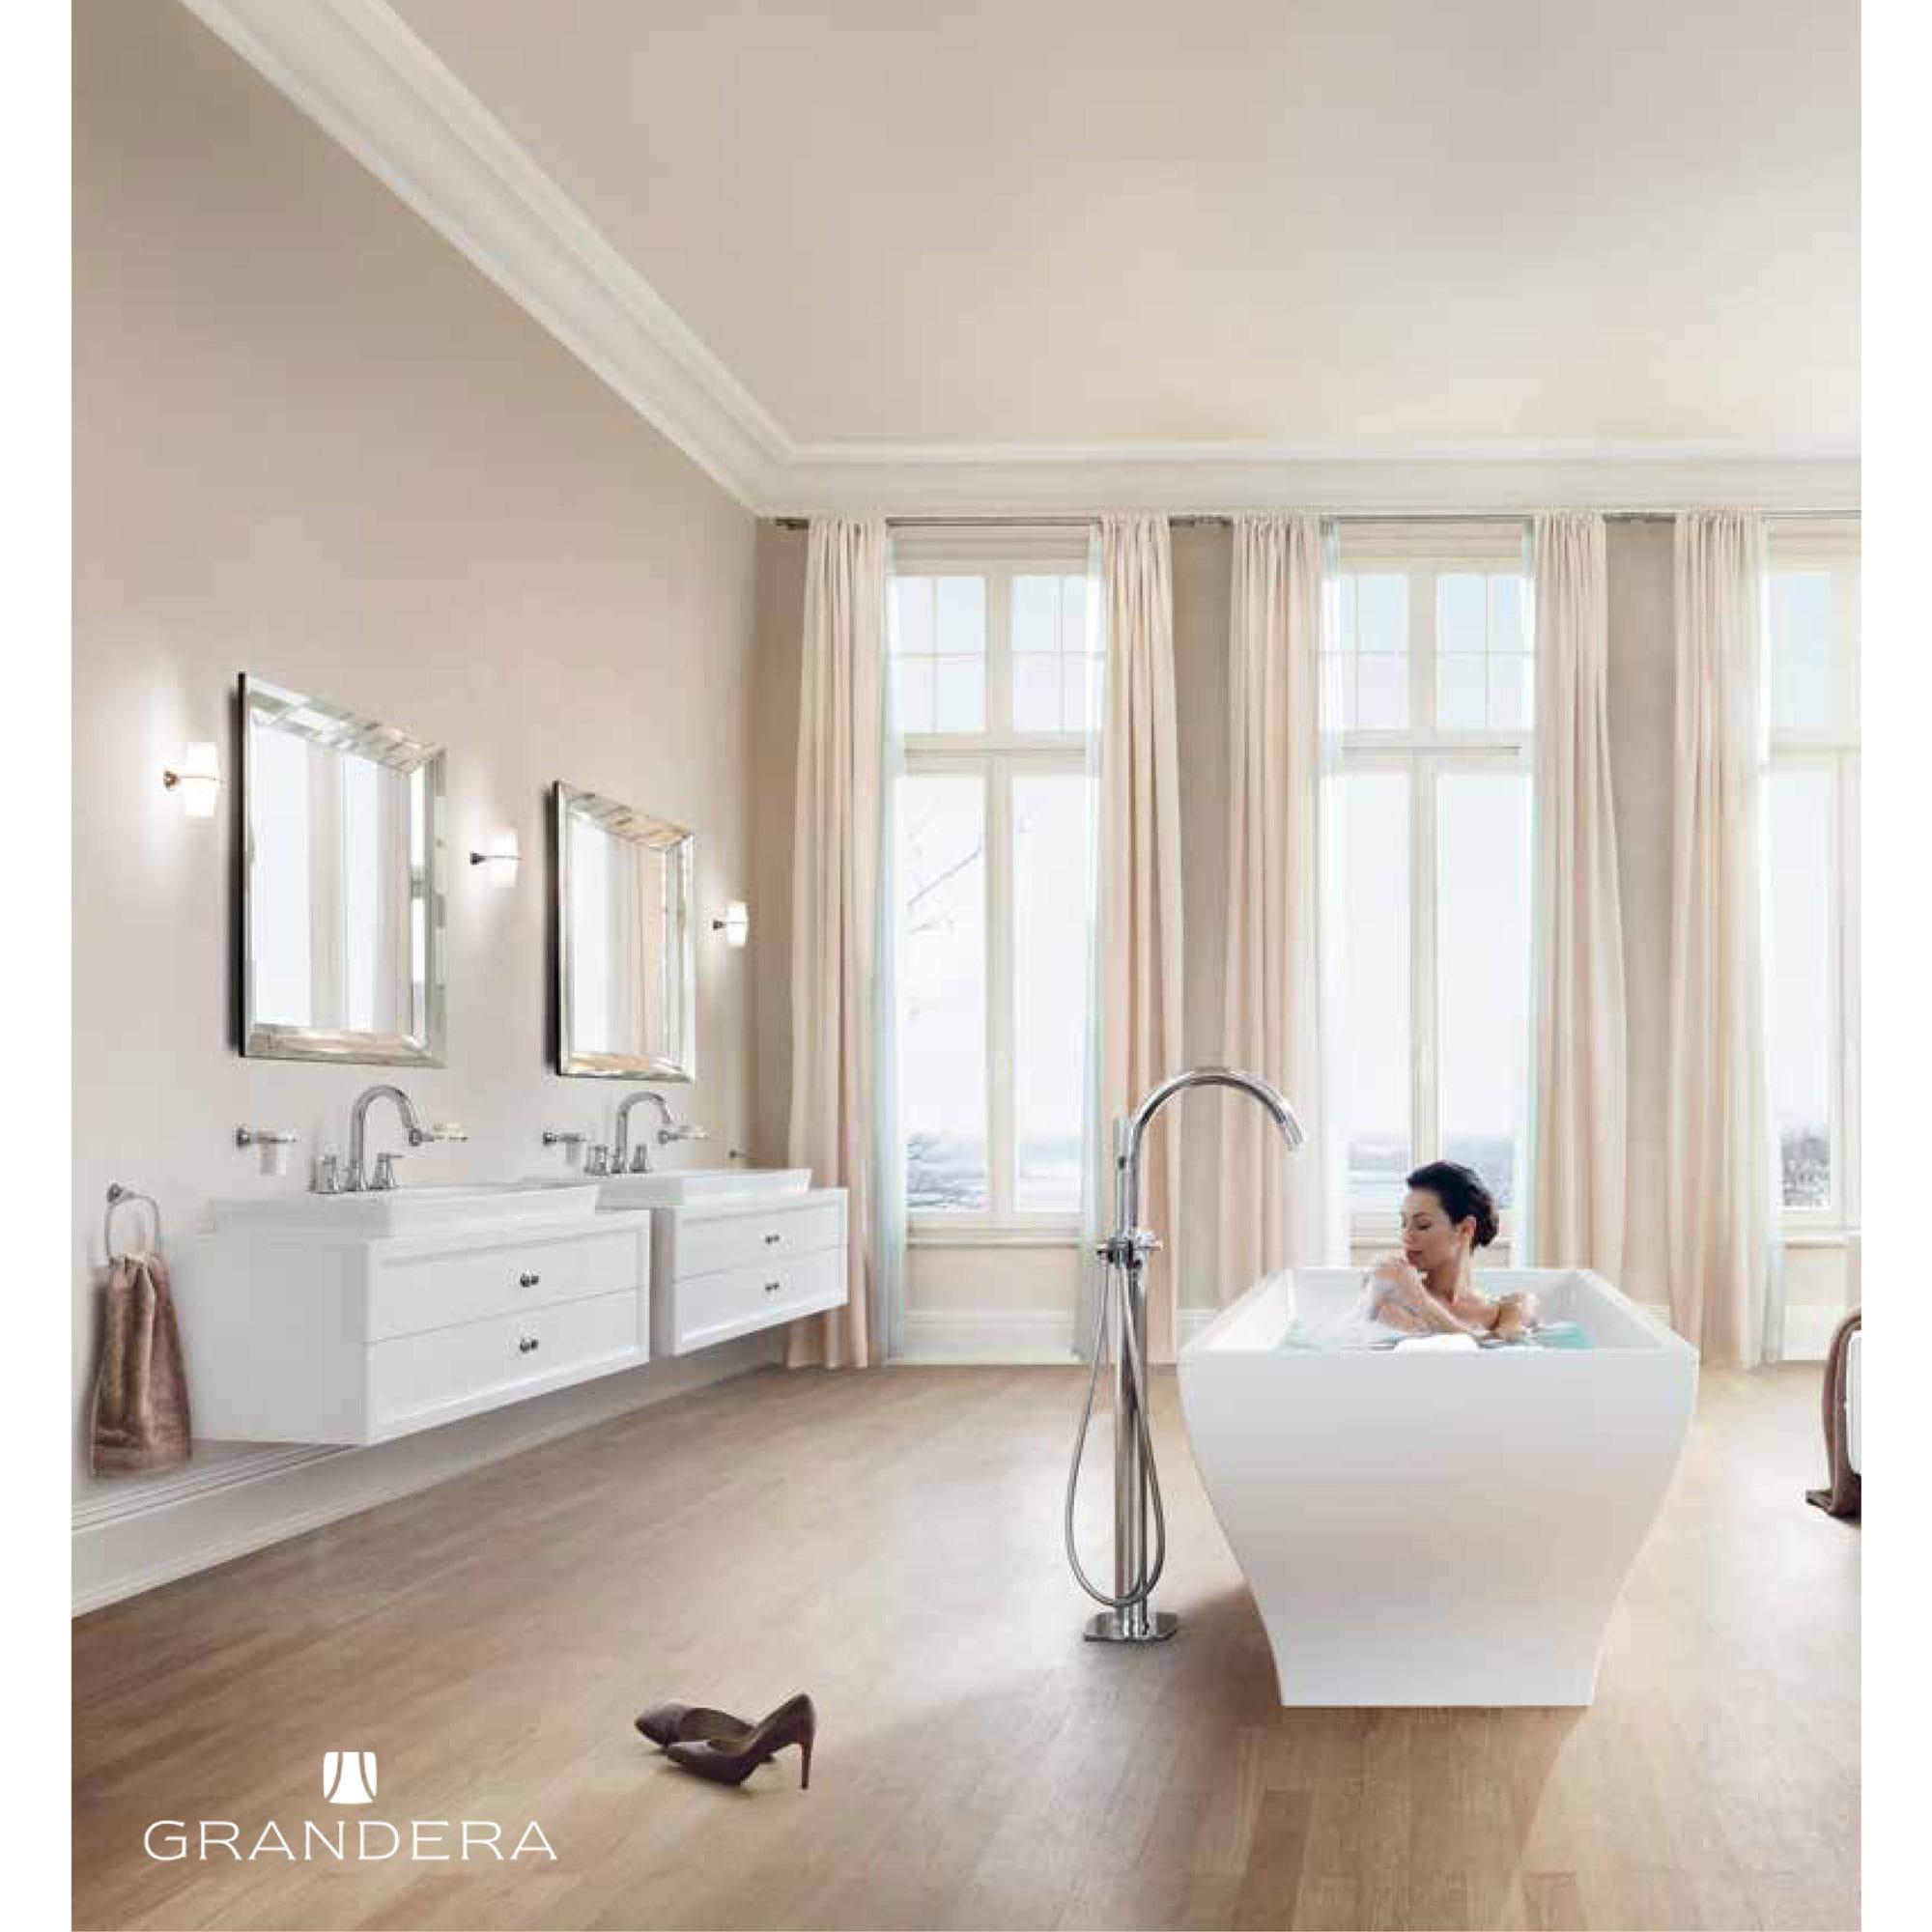 tan themed bathroom with woman in bathtub